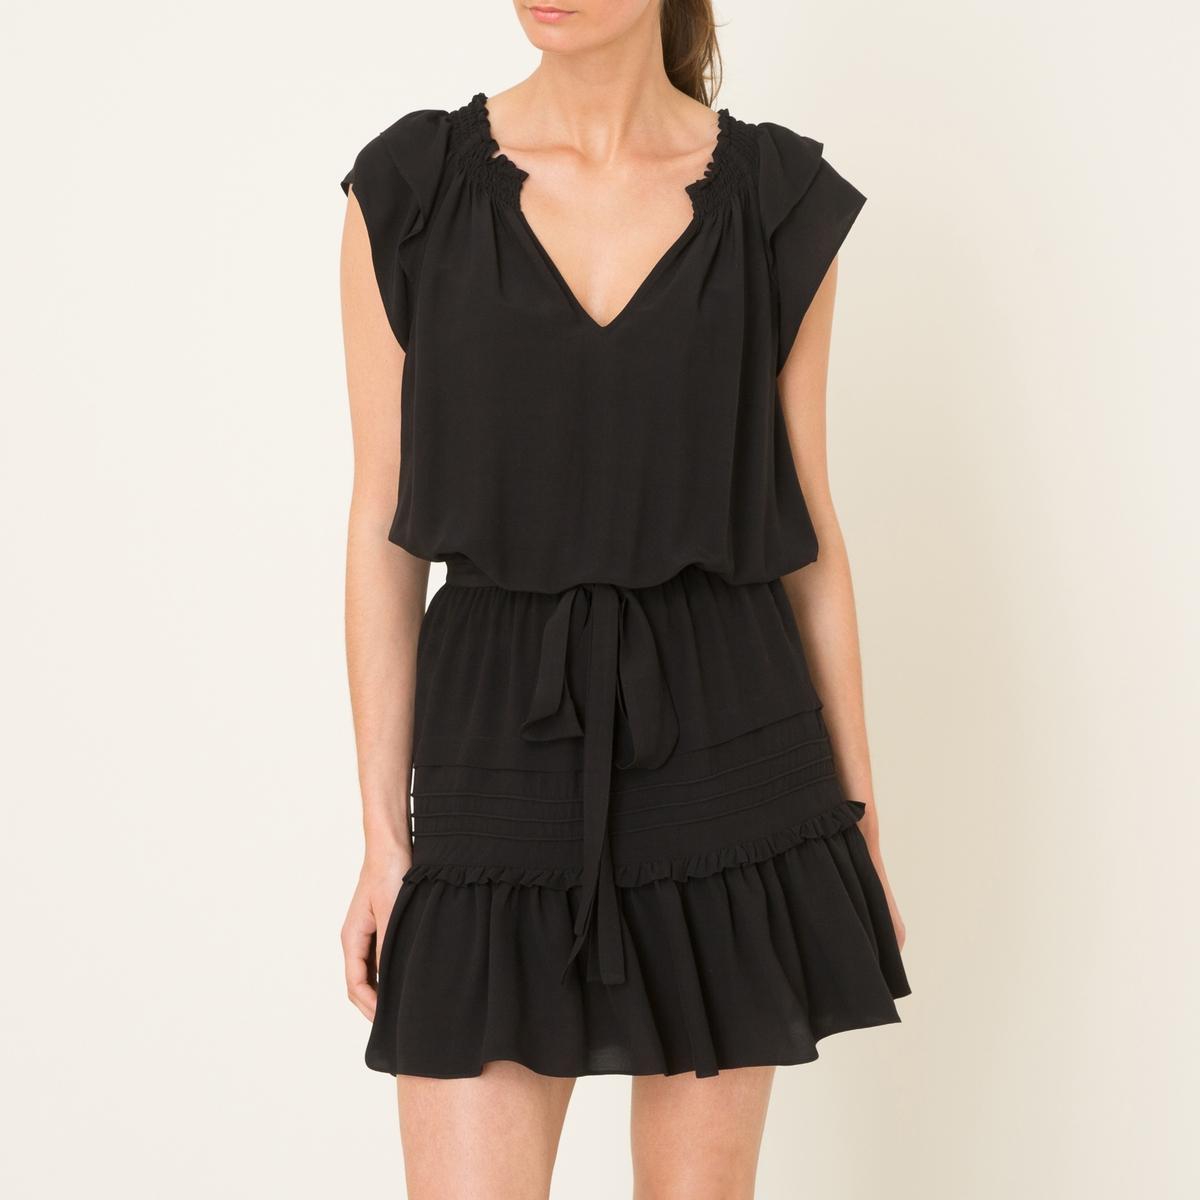 Платье LINIПлатье объемное BA&amp;SH - модель LINI из смесового шелка. V-образный вырез. Короткие рукава с воланами. Ремешок  с завязками и эластичный пояс . Сборки и воланы на юбке .Состав и описание    Материал : 60% вискозы, 40% шелка   Марка : BA&amp;SH<br><br>Цвет: черный